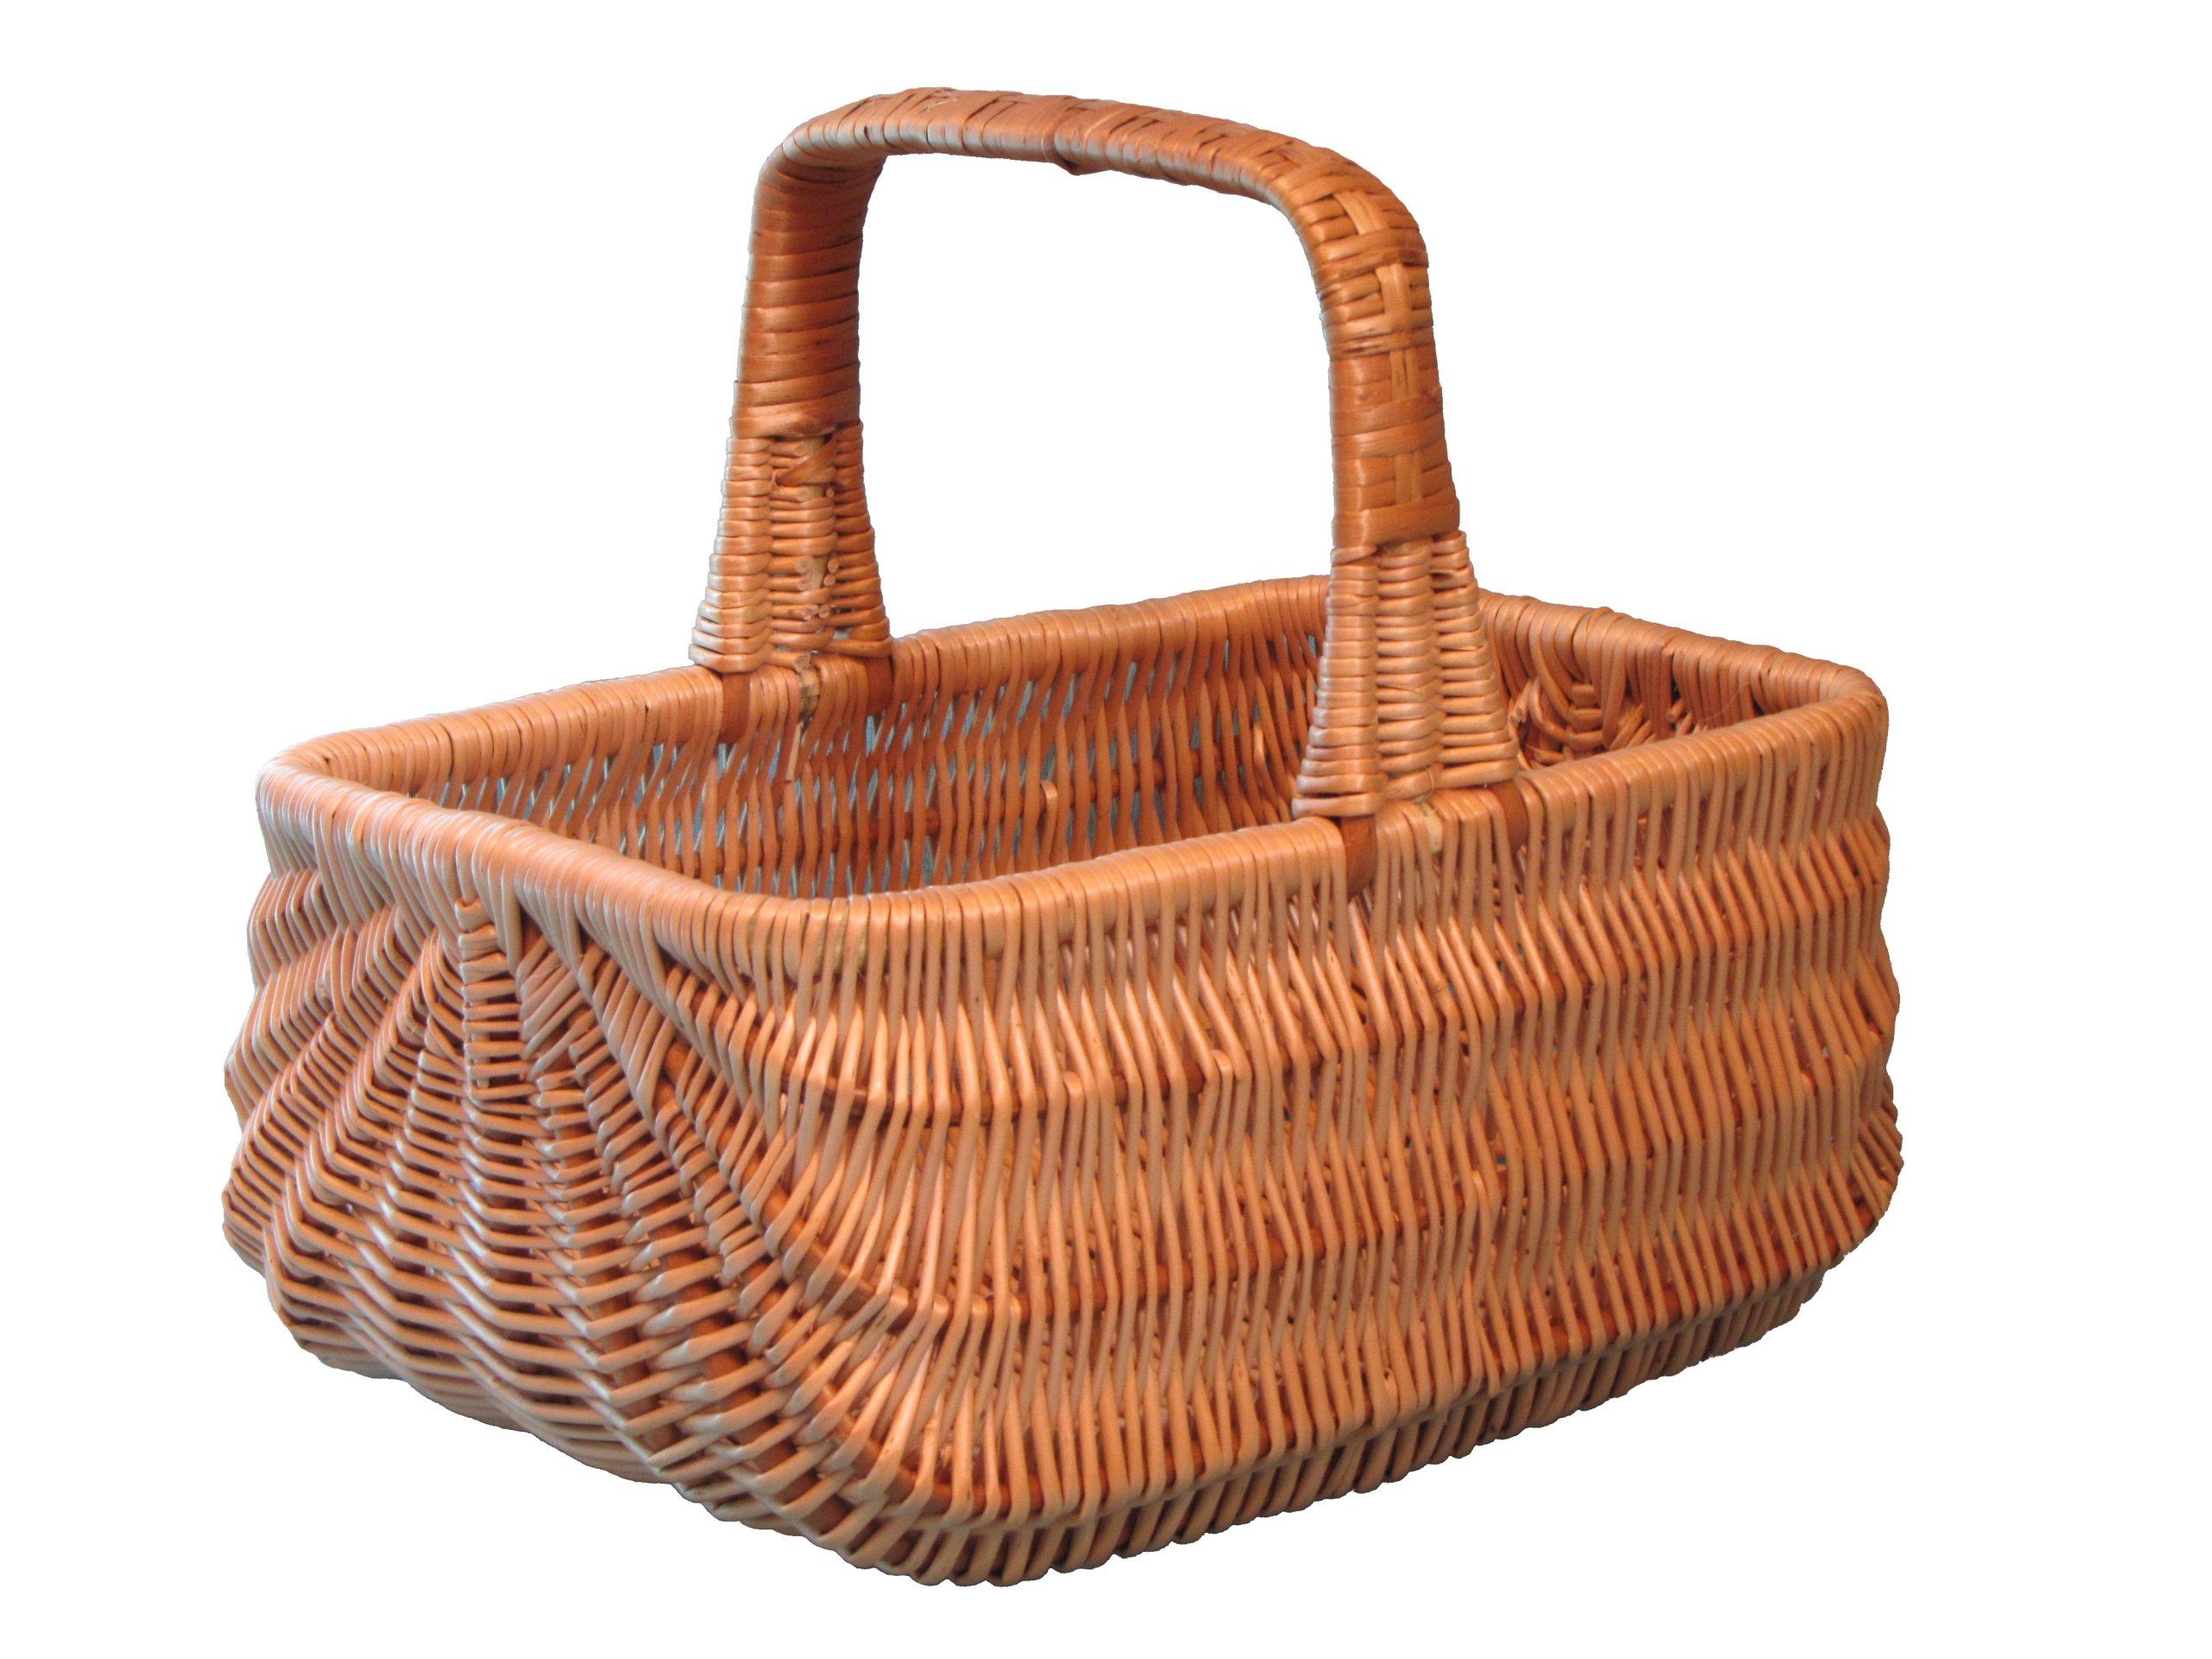 1a97761f6ab3b8 Kosz na zakupy WIKLINA koszyk na grzyby PREZENT 42 5755048206 - Allegro.pl